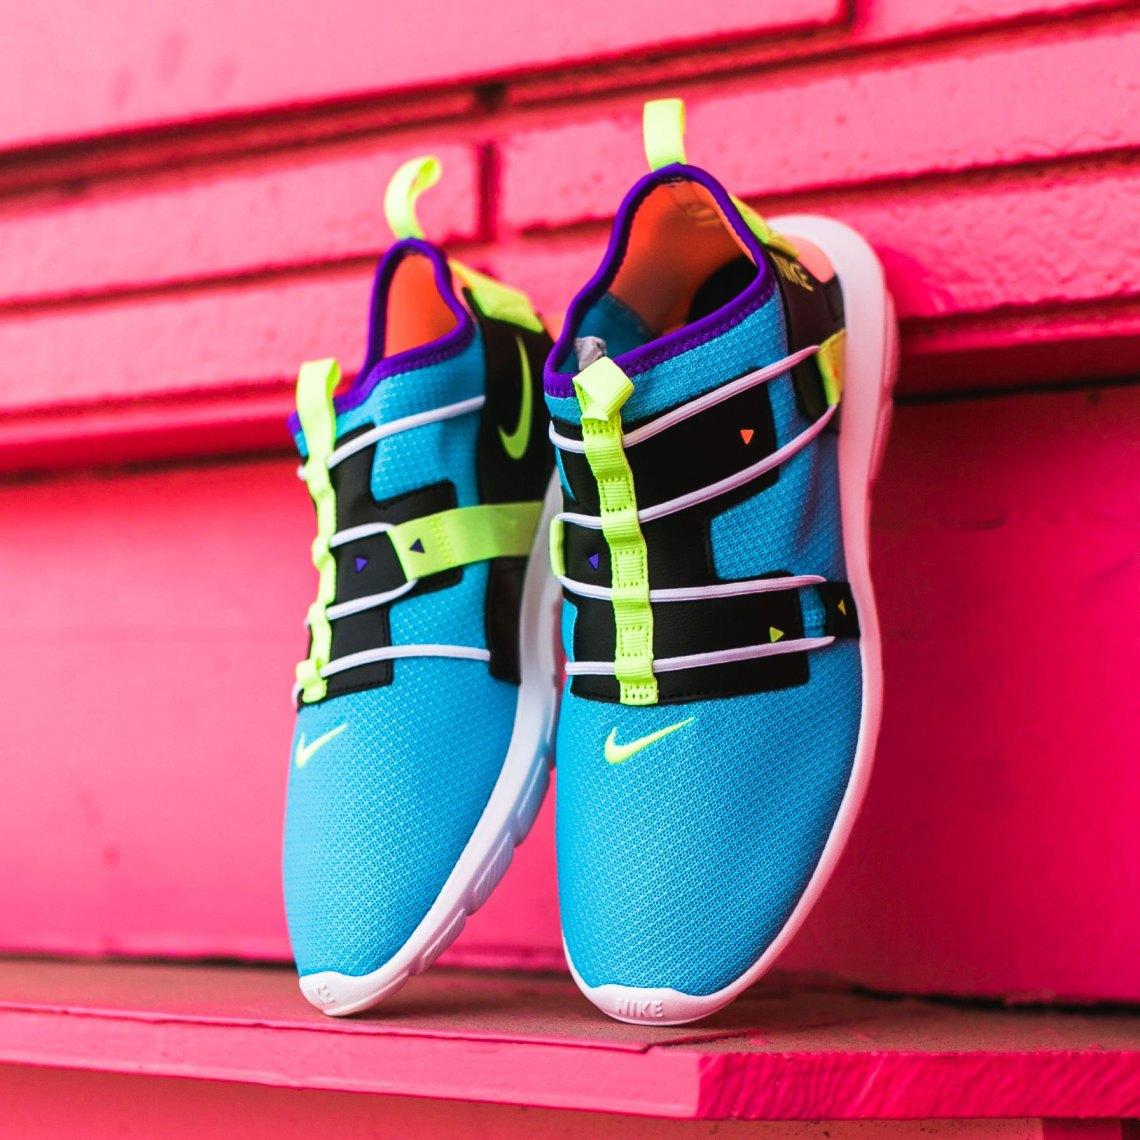 nike-vortak-lifestyle-shoe-5